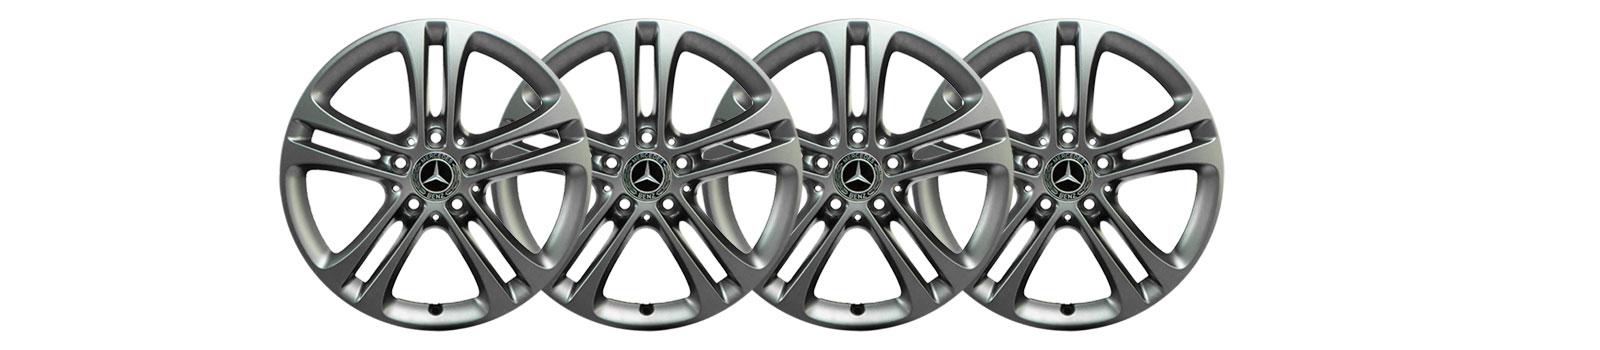 Mercedes A-Klasse W177 Felgen & Kompletträder mit Sommerreifen / Winterreifen | A1774010400